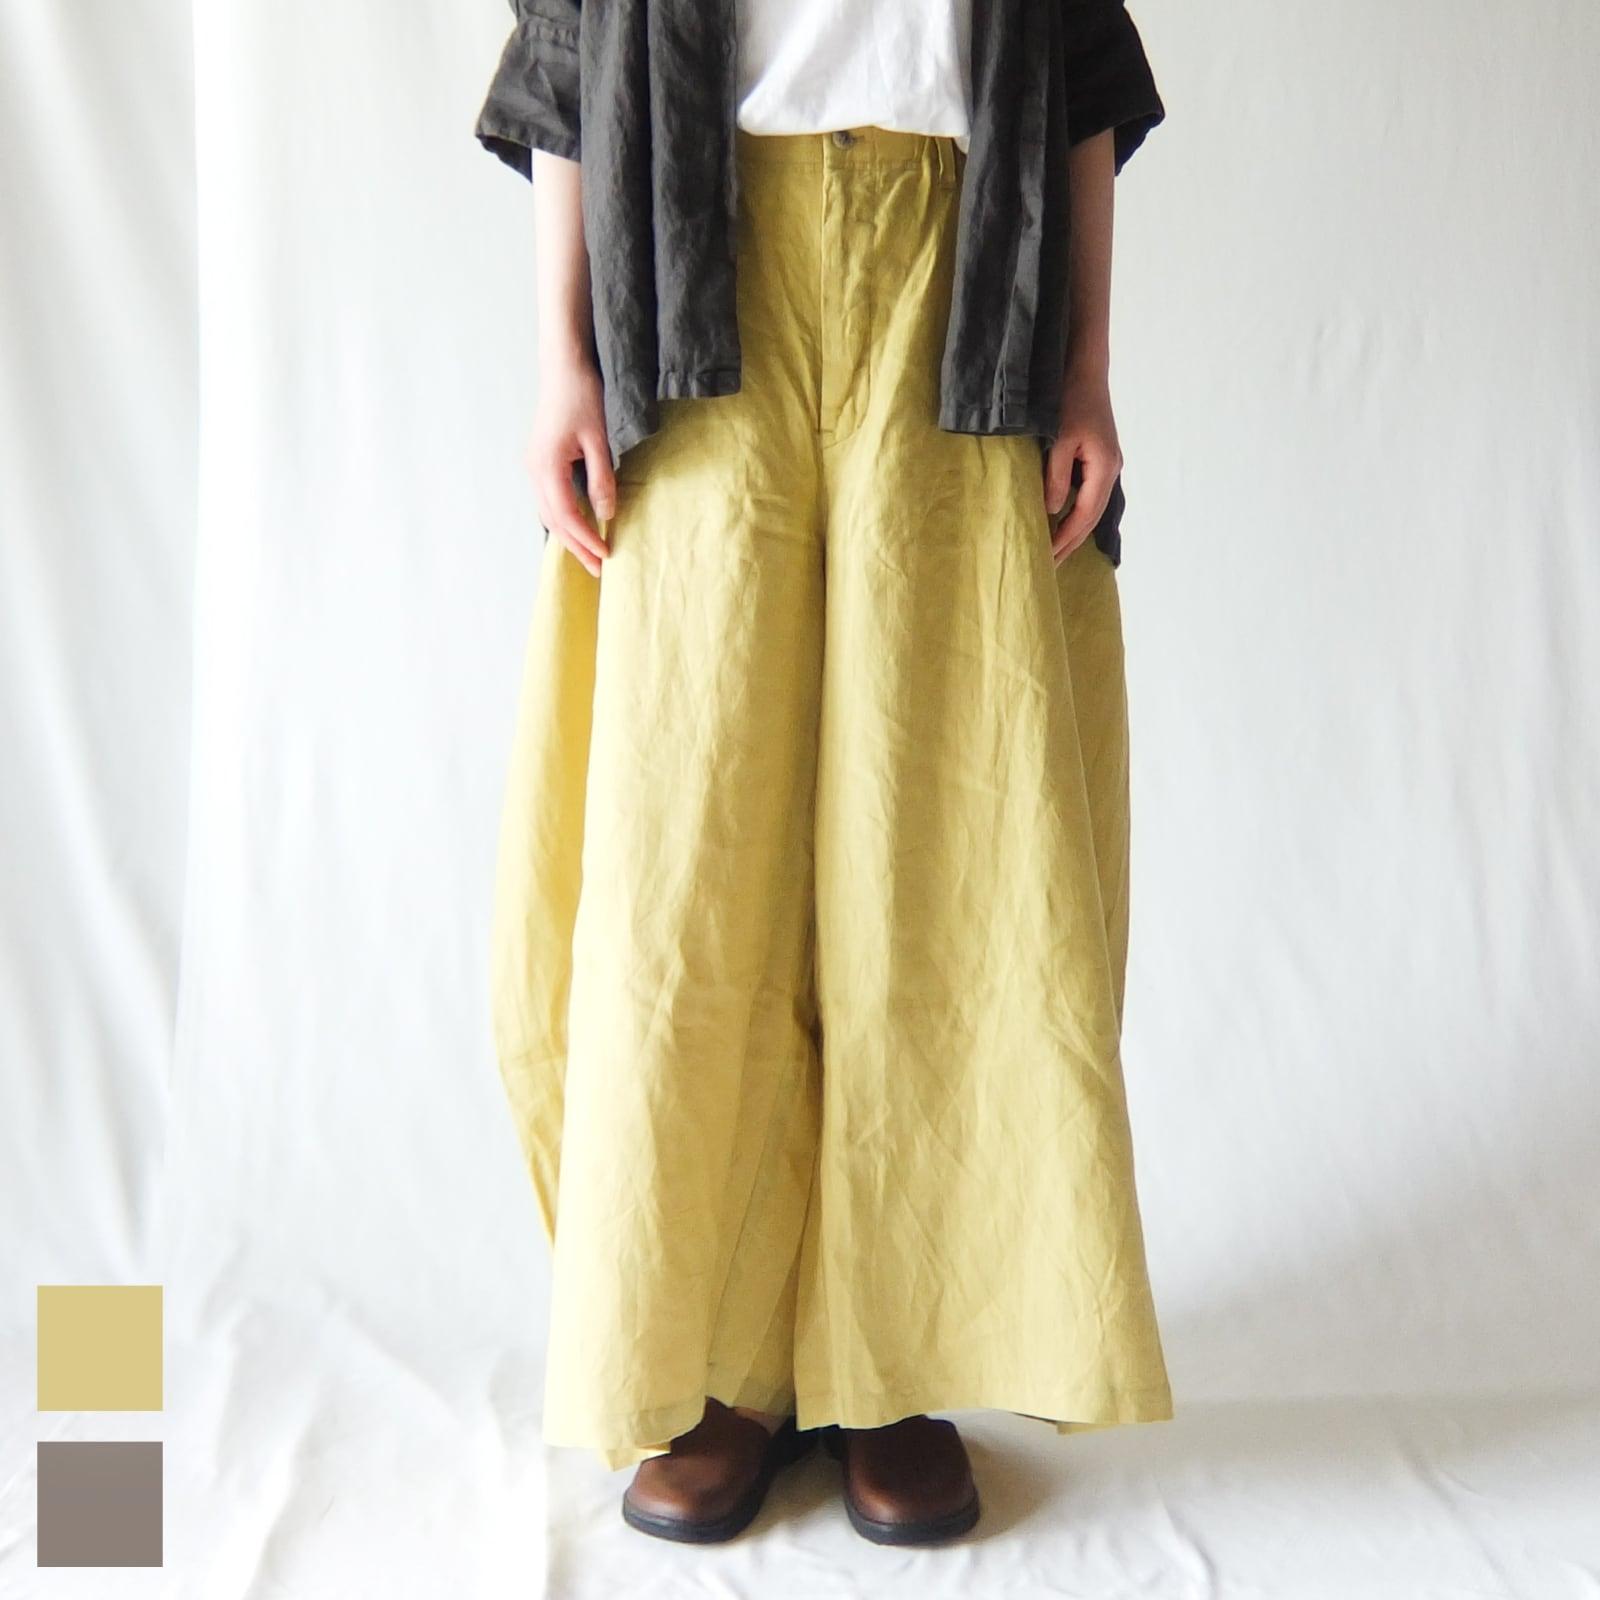 Vlas Blomme - Soft Linen カーブパンツ - Yellow / Mocha